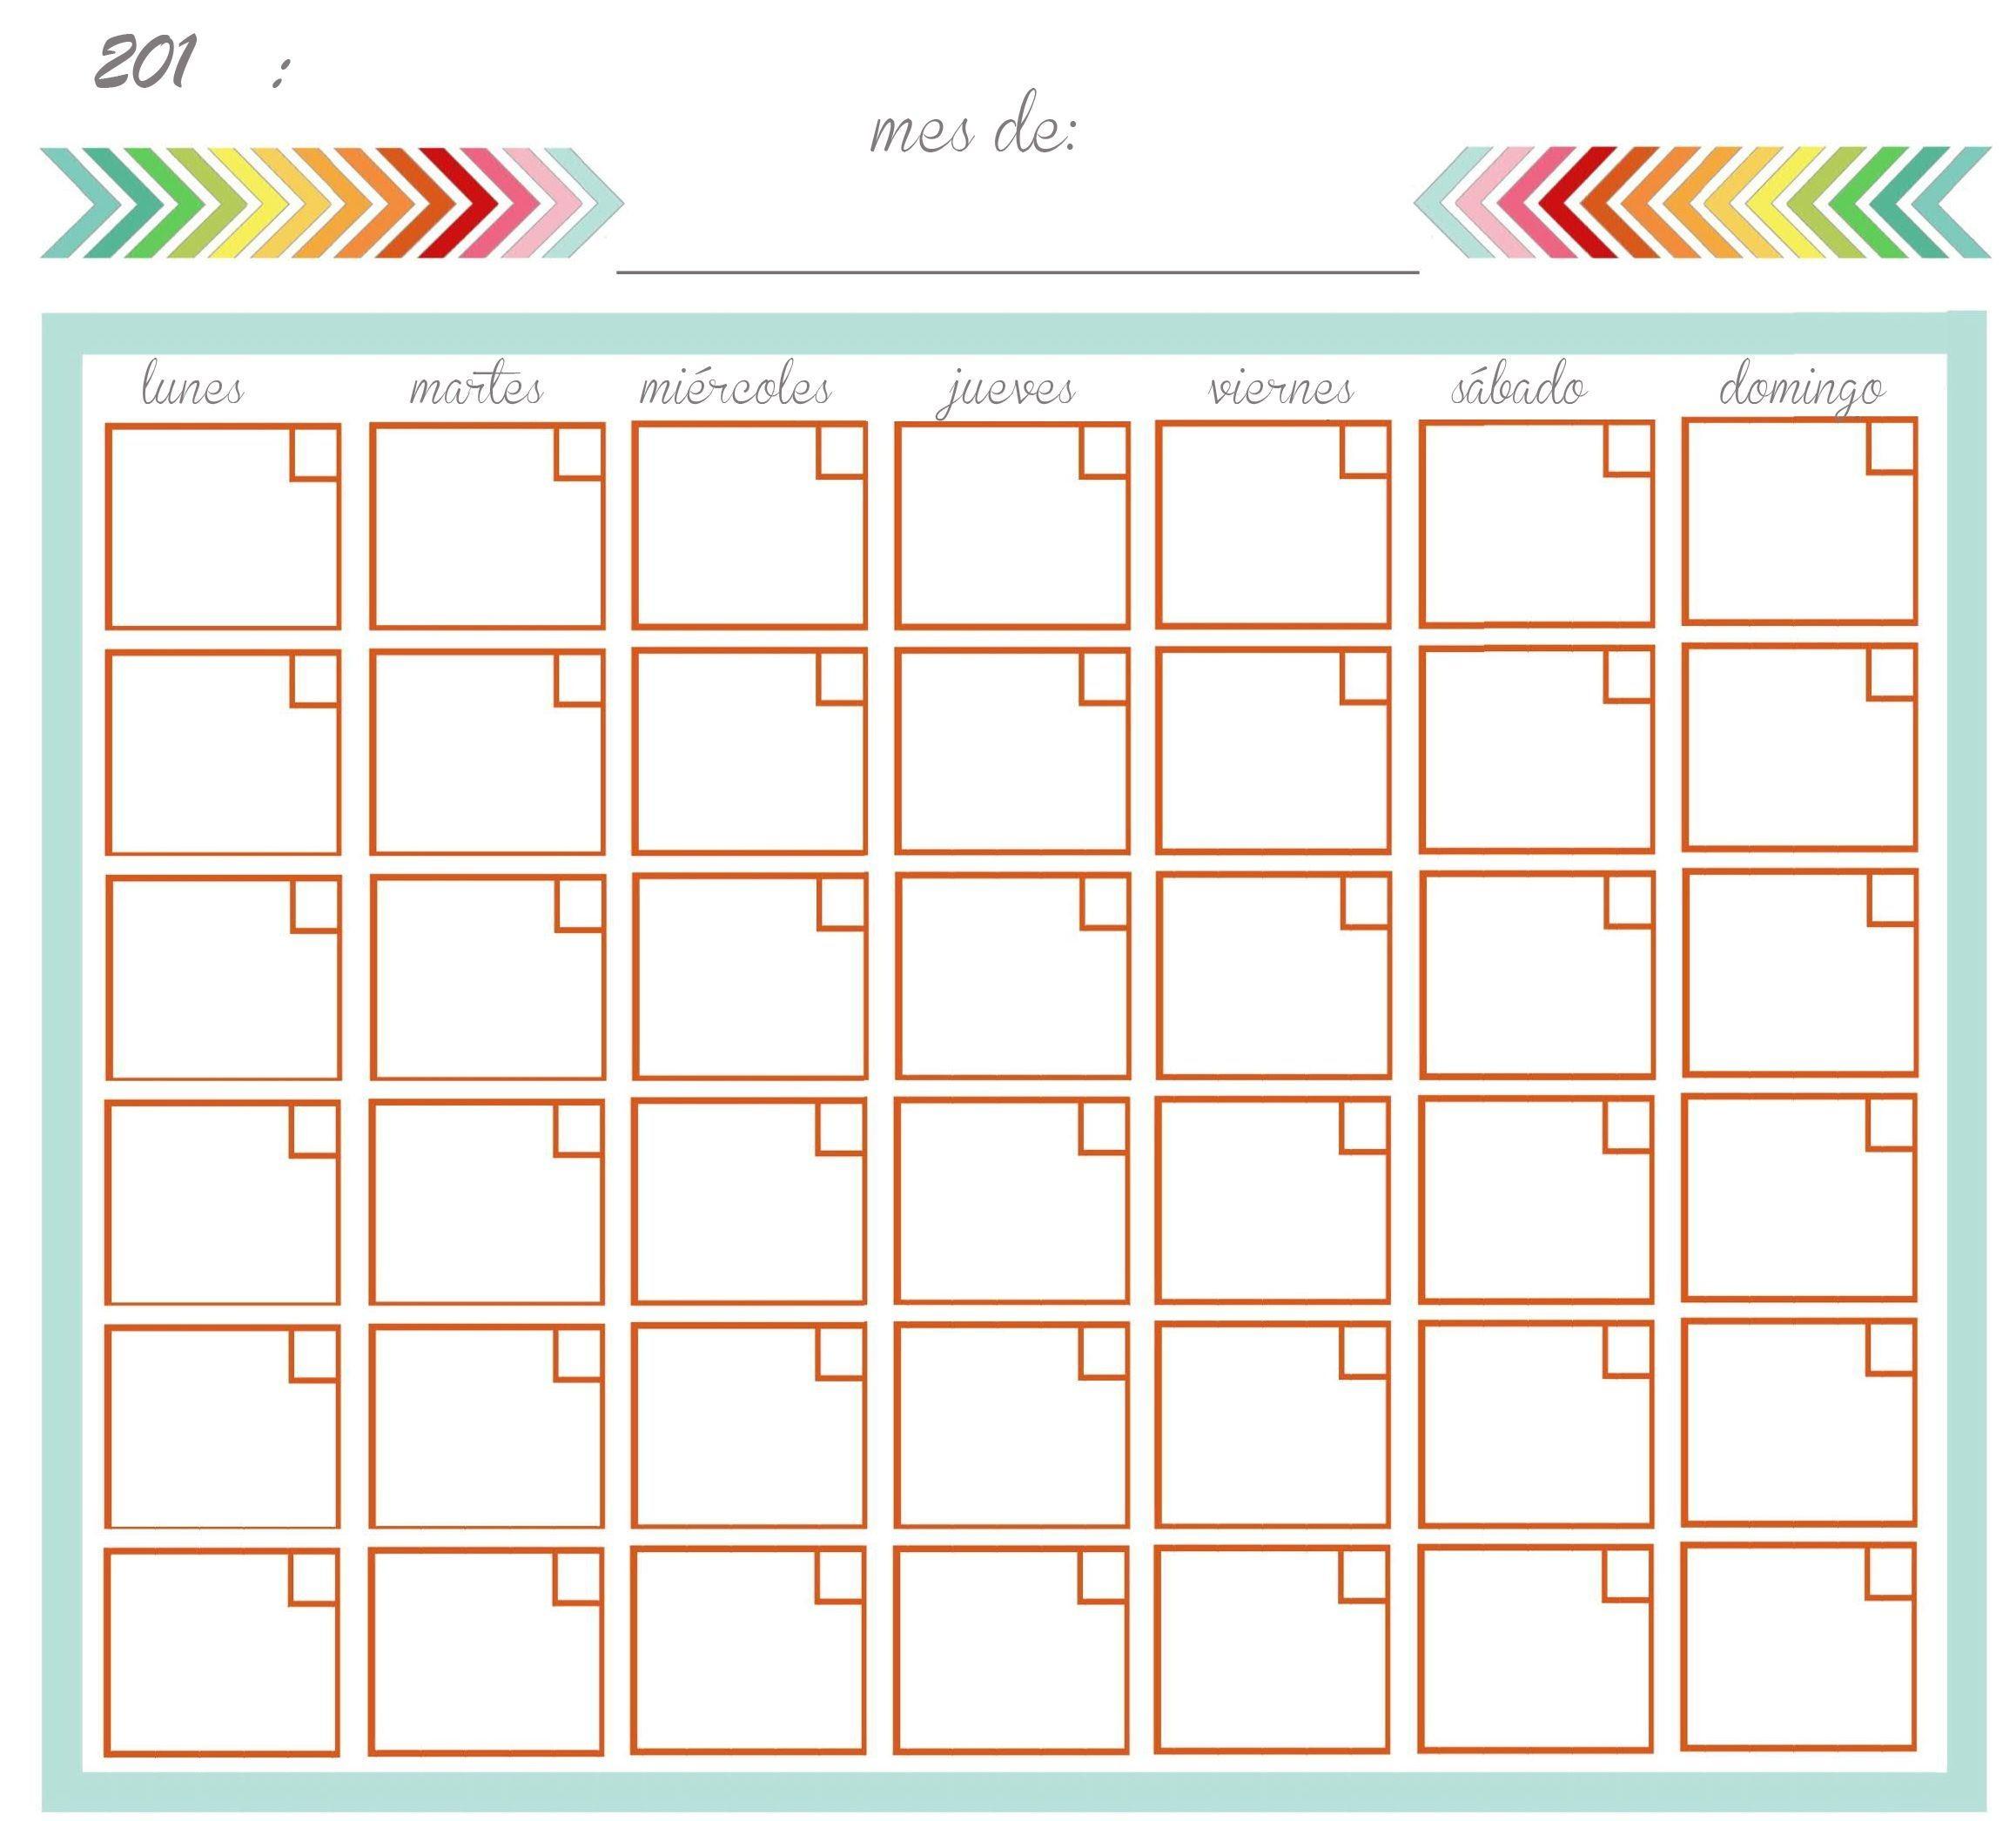 Calendario Mesa 2019 Imprimir Gratis Actual Calendario Perpetuo Espa'ol todo Tipo De Cosas Of Calendario Mesa 2019 Imprimir Gratis Más Arriba-a-fecha Escritorio Pad Calendario 2019 Mensual Con soporte Septiembre 2018